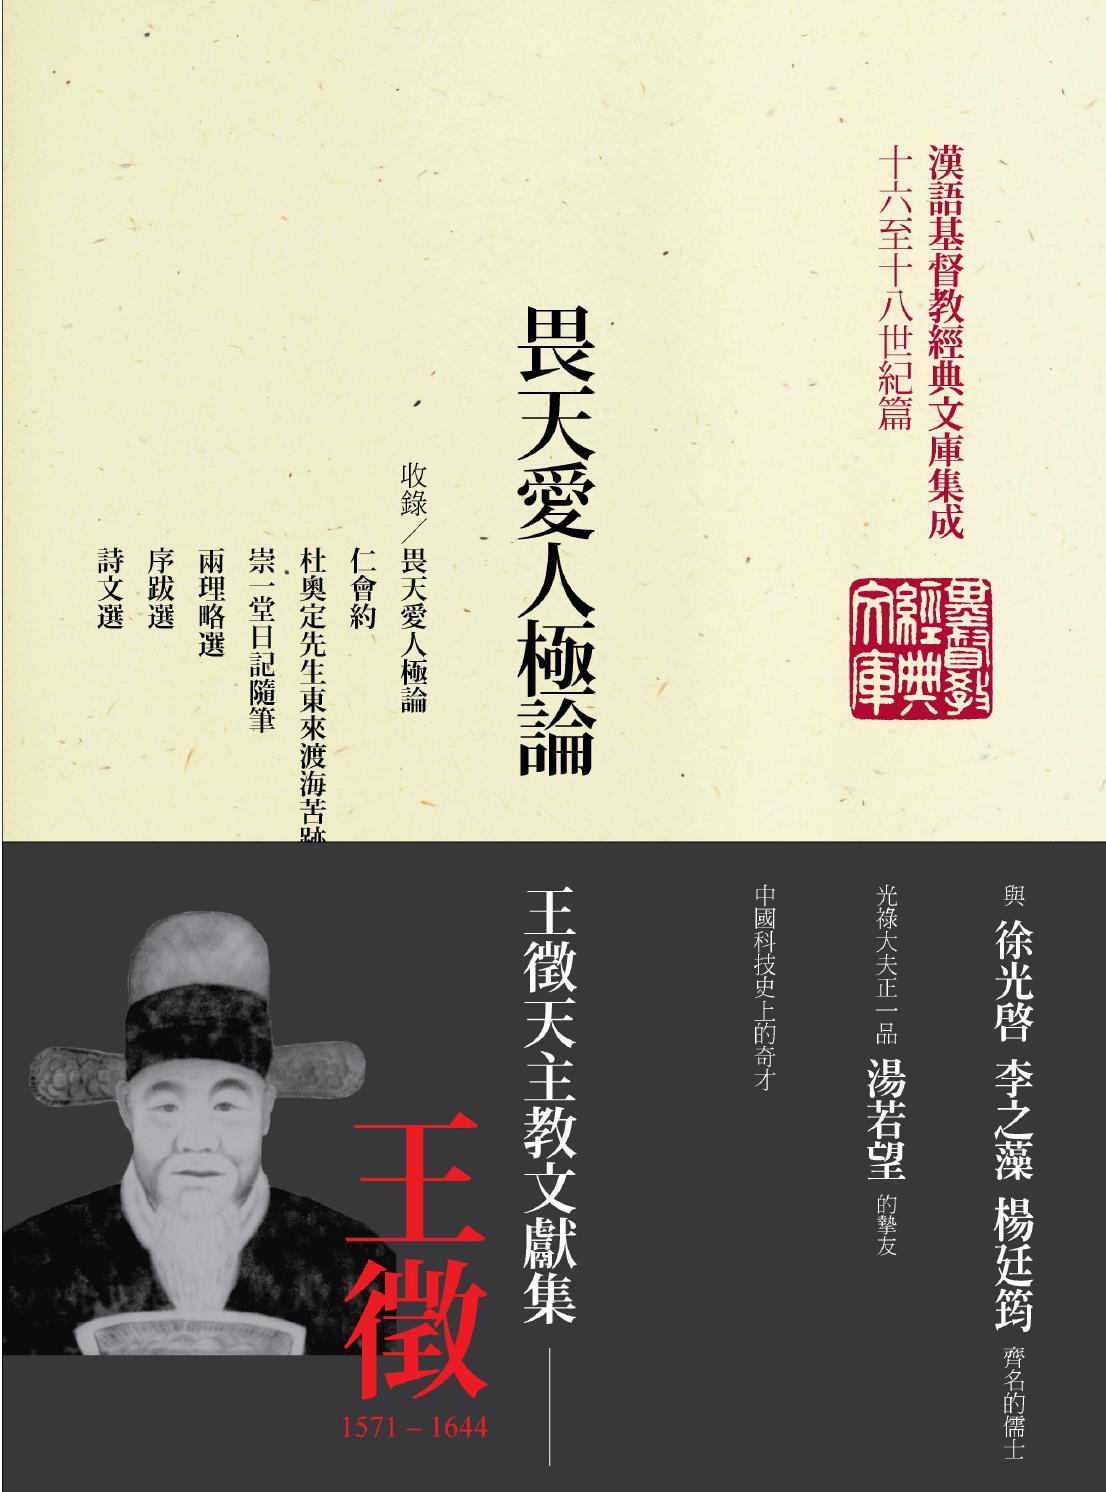 畏天愛人極論 :王徵天主教文獻集 by cclm tw - Issuu